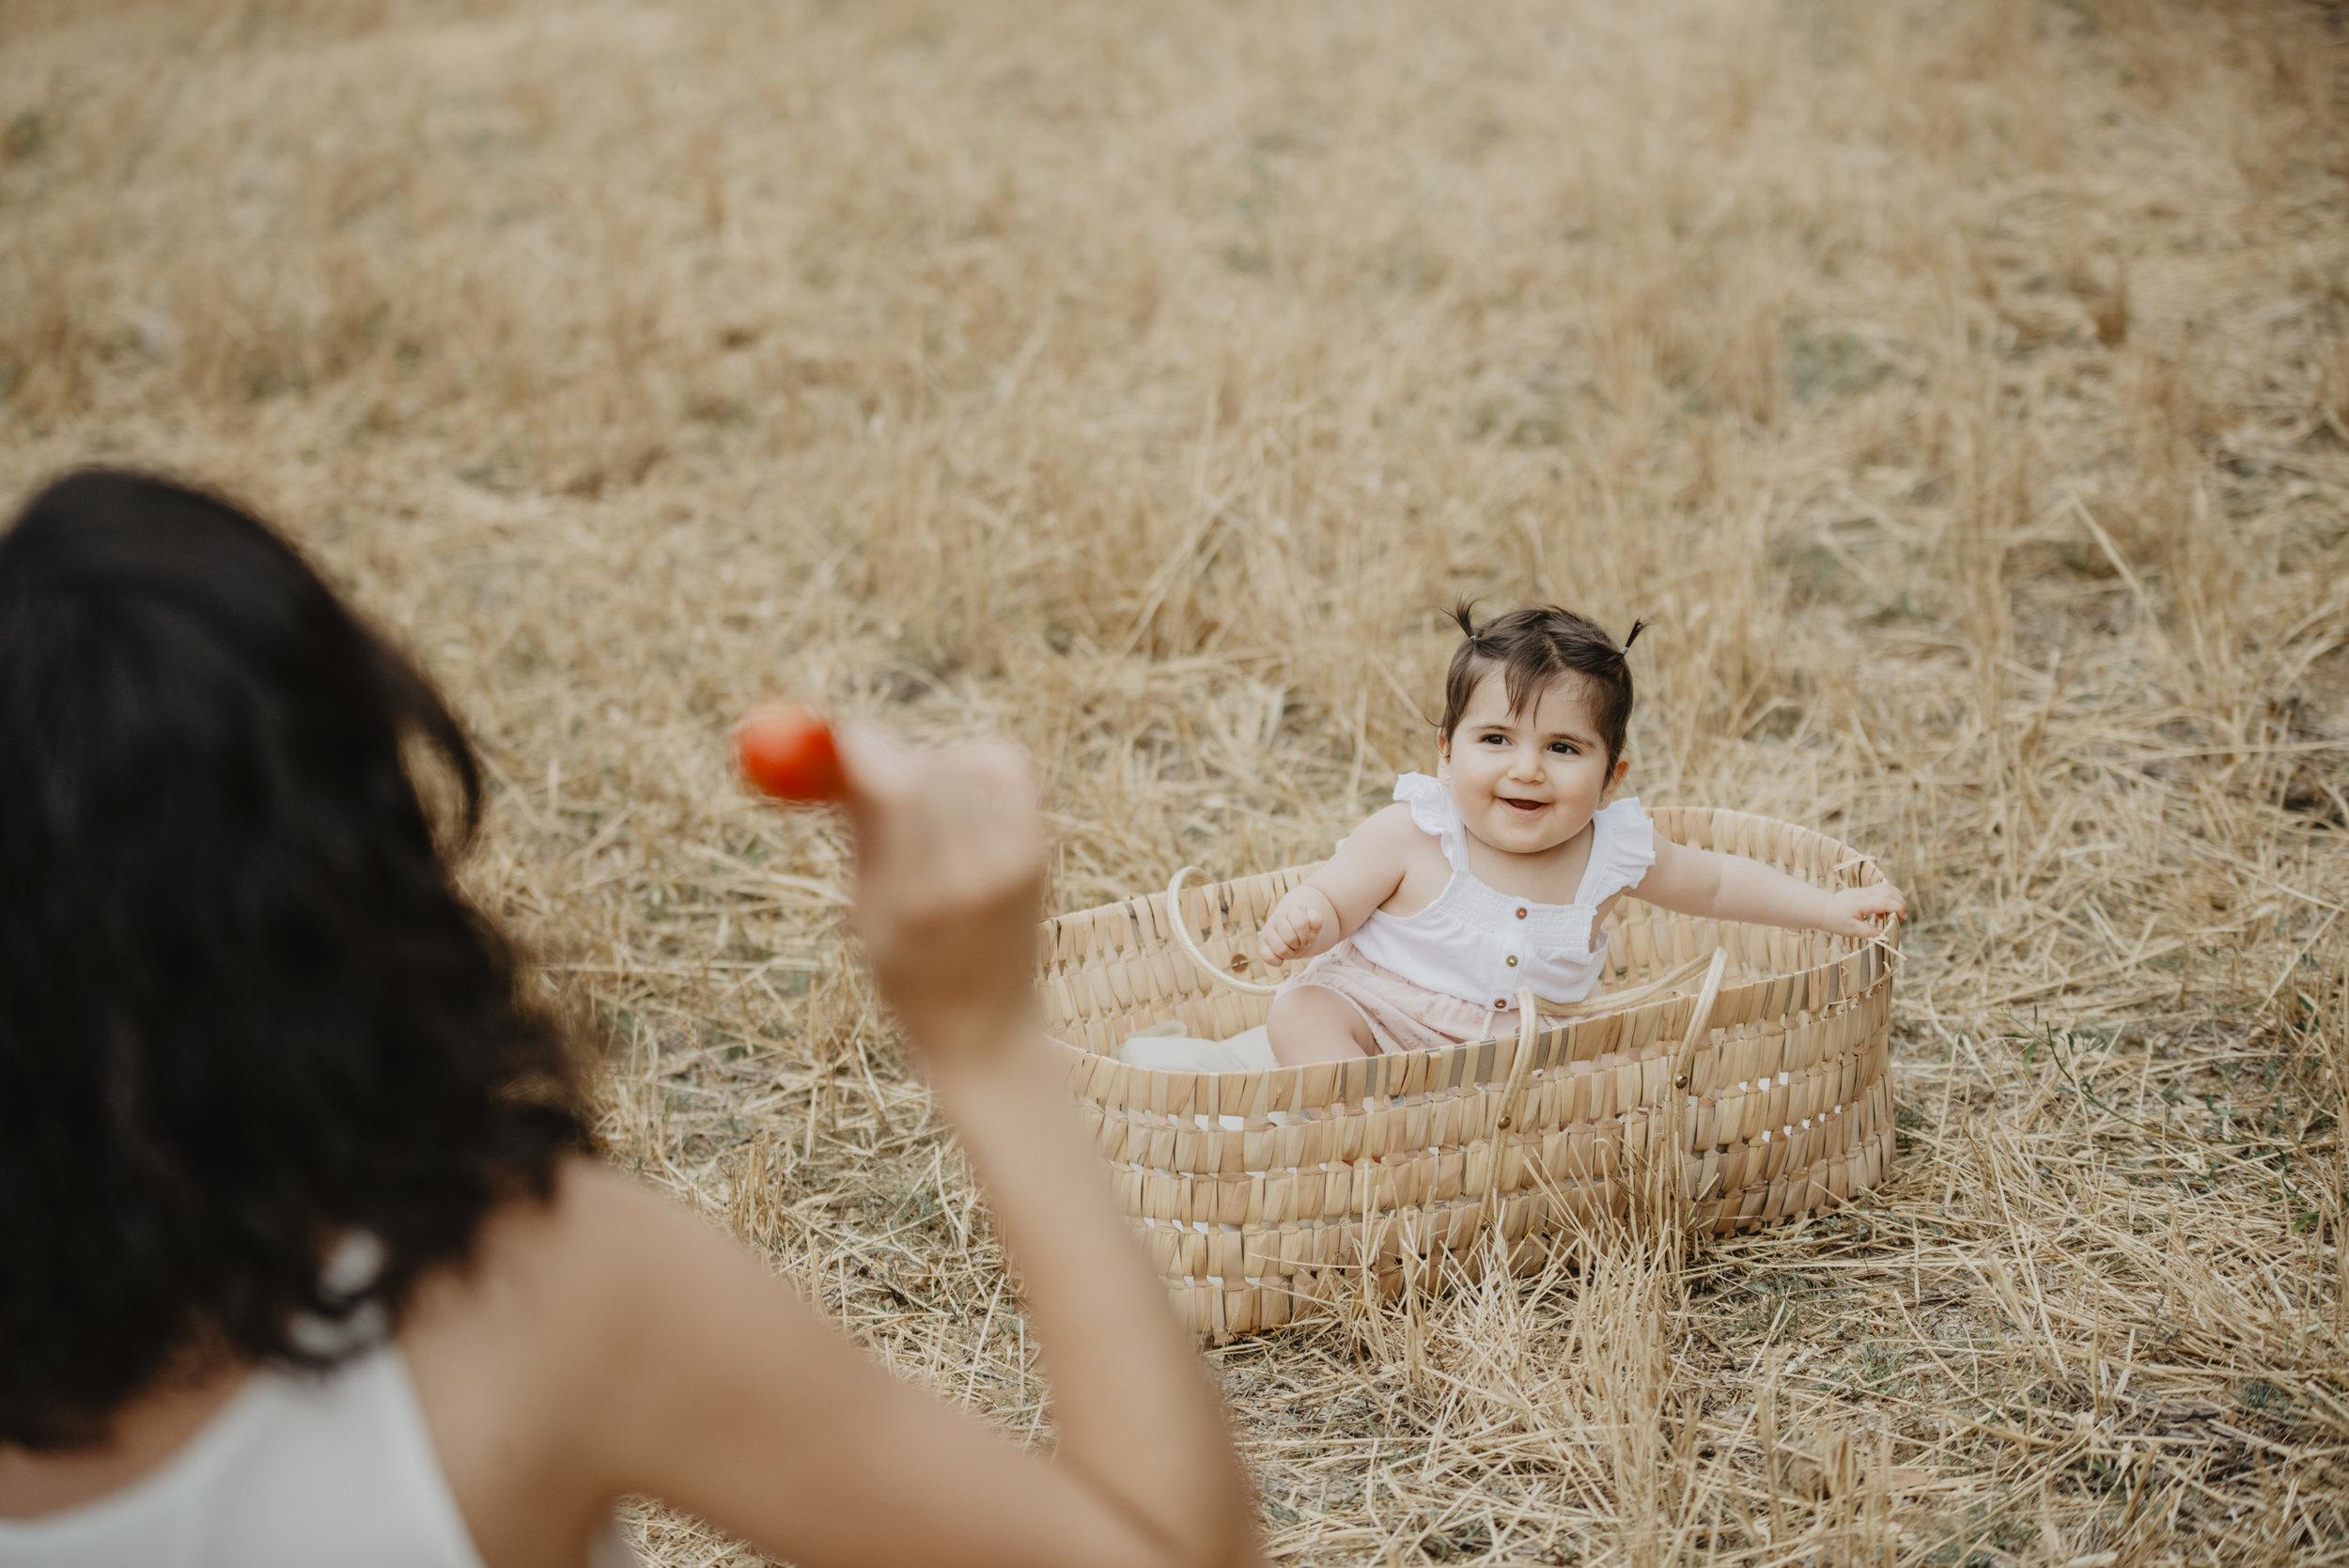 familia-reportatge-fotos-catalunya-terrassa-bessones-mellizas-mia-moments-photo-fotografia-familiar-exterior-16.jpg